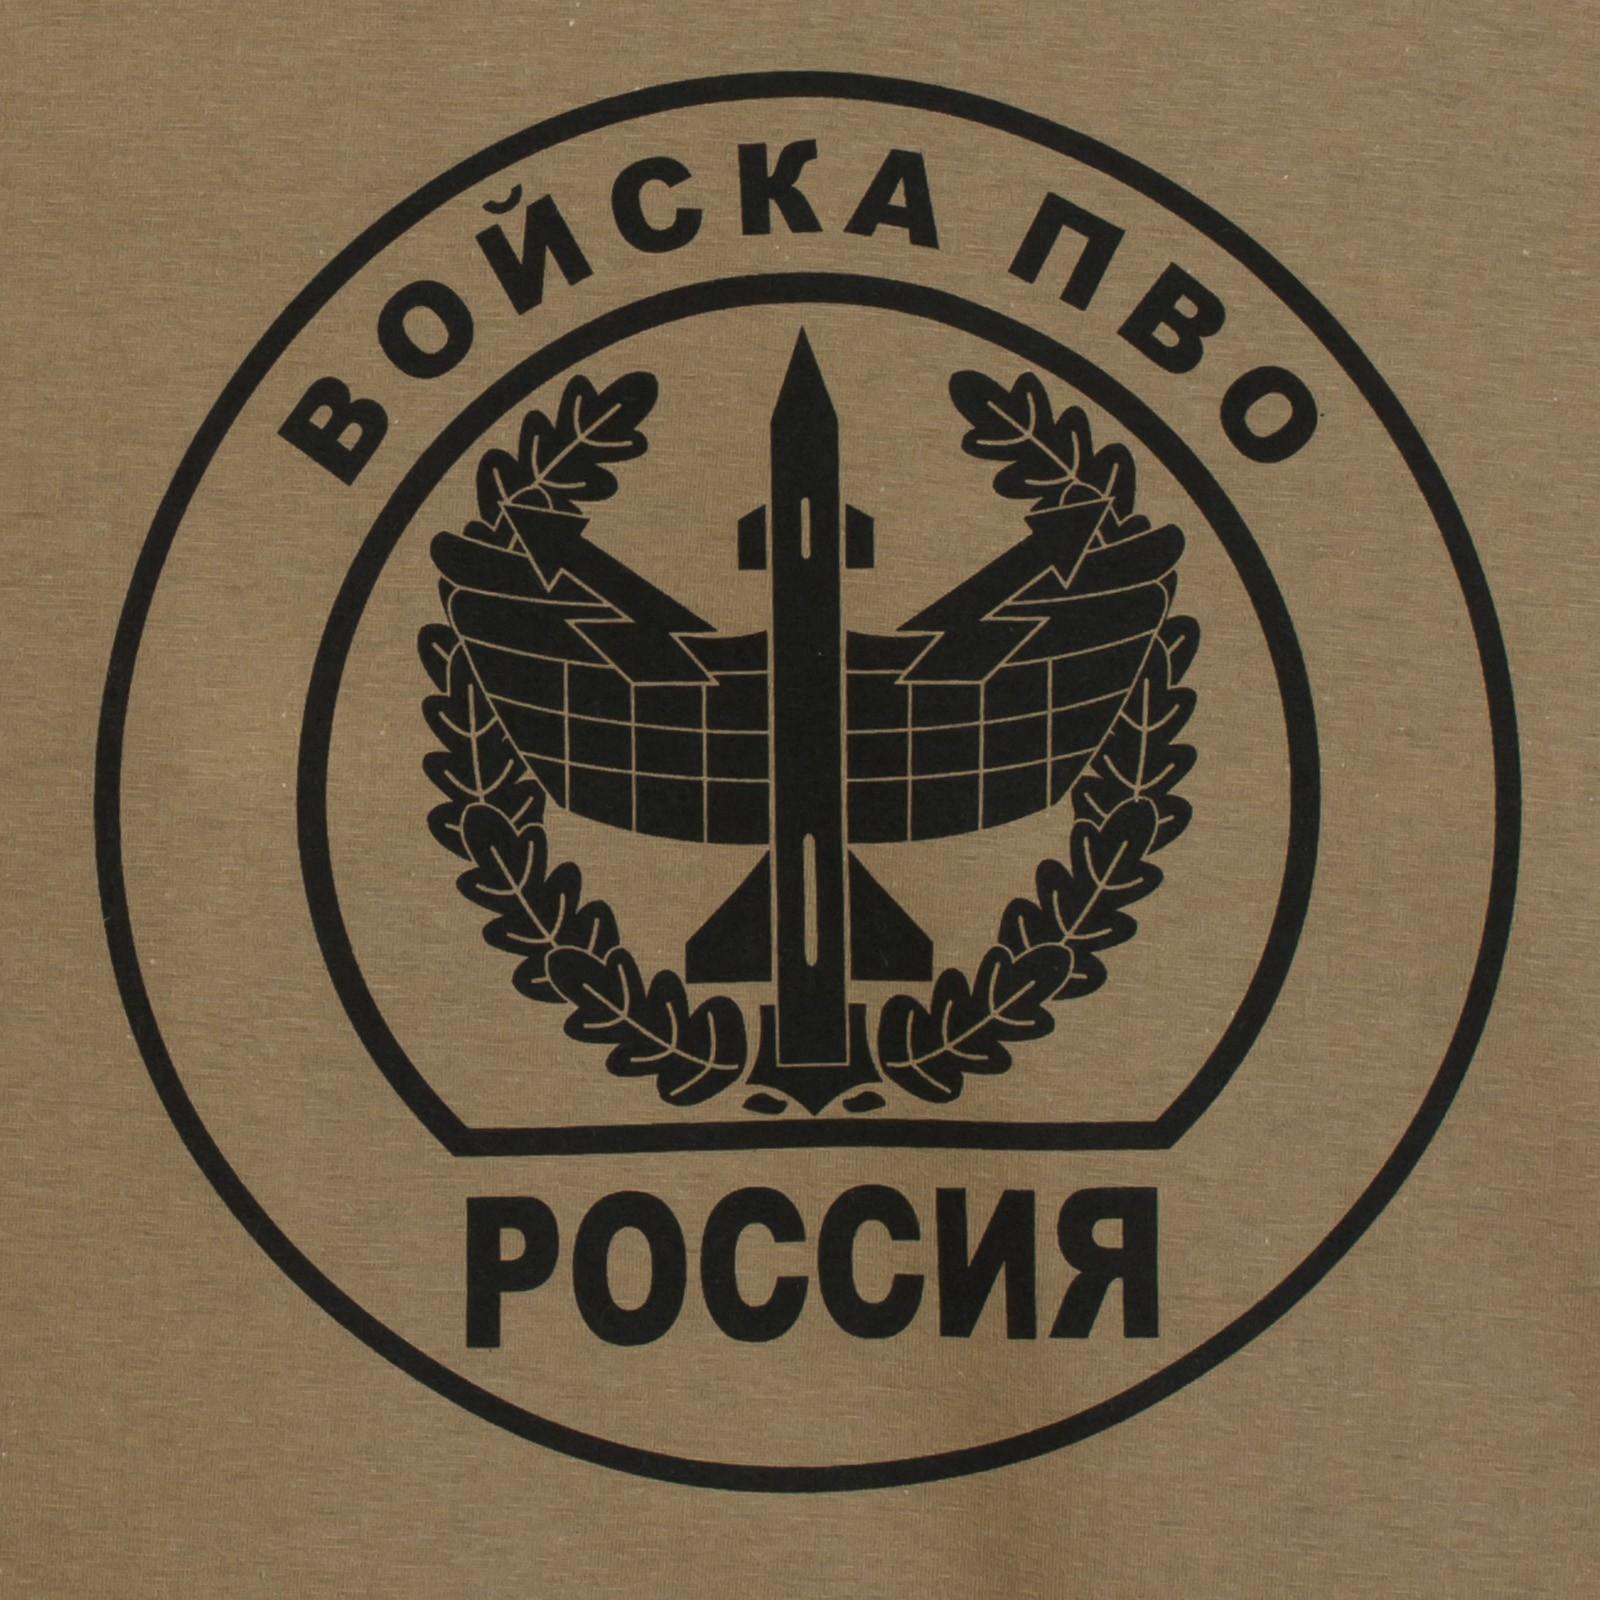 Футболка с эмблемой Войск ПВО от Военпро